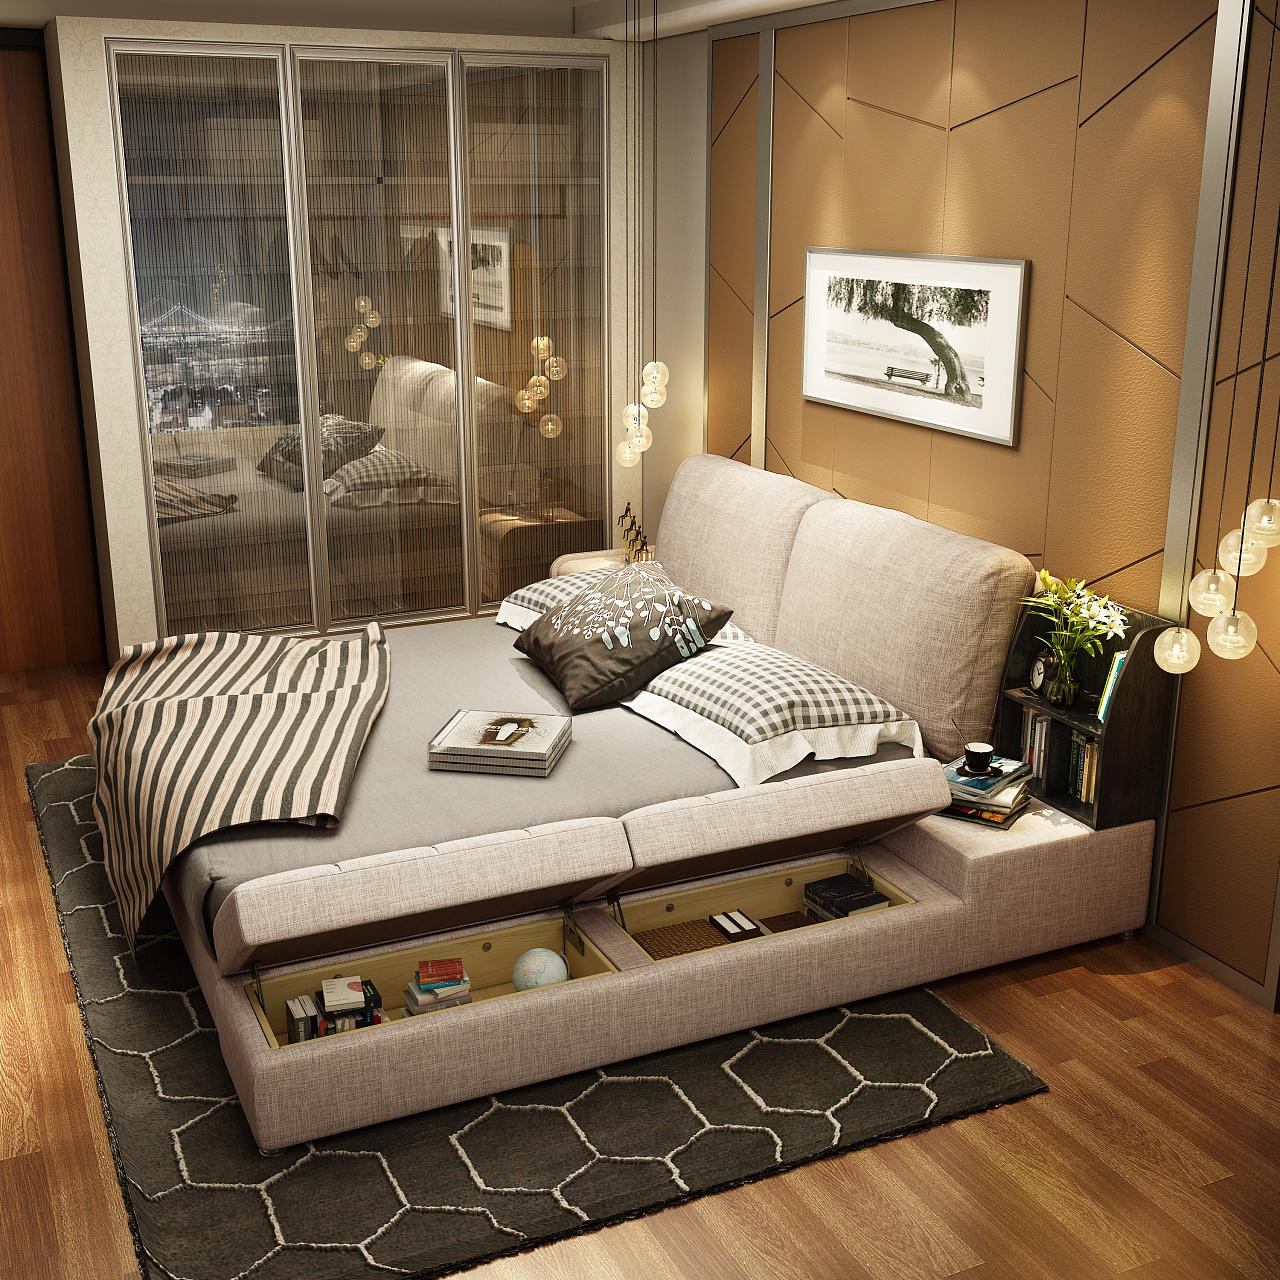 舒适榻榻米风格布艺床设计图片